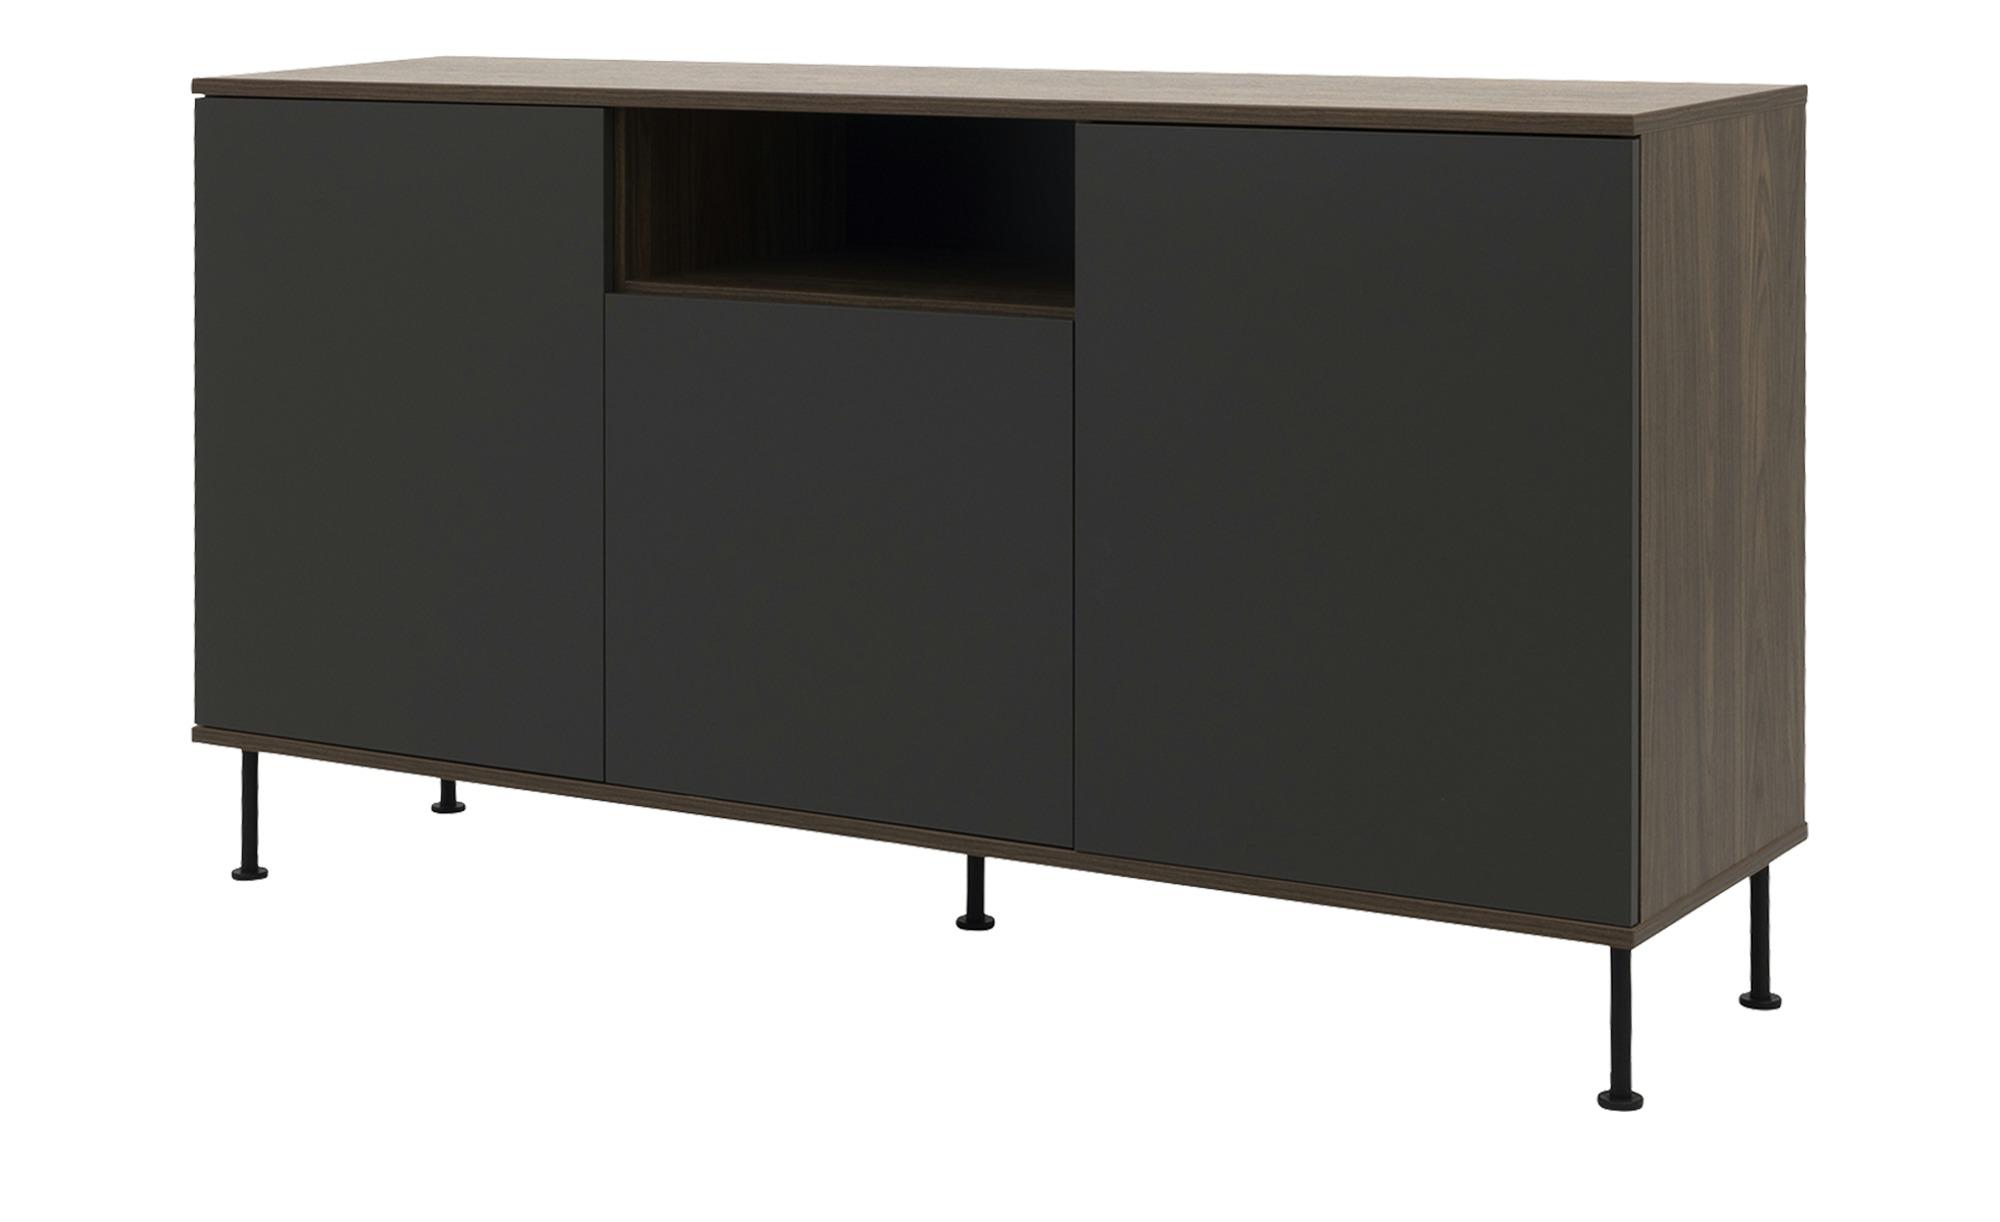 Sideboard  Daxx ¦ grau ¦ Maße (cm): B: 163 H: 90 T: 43 Kommoden & Sideboards > Sideboards - Höffner